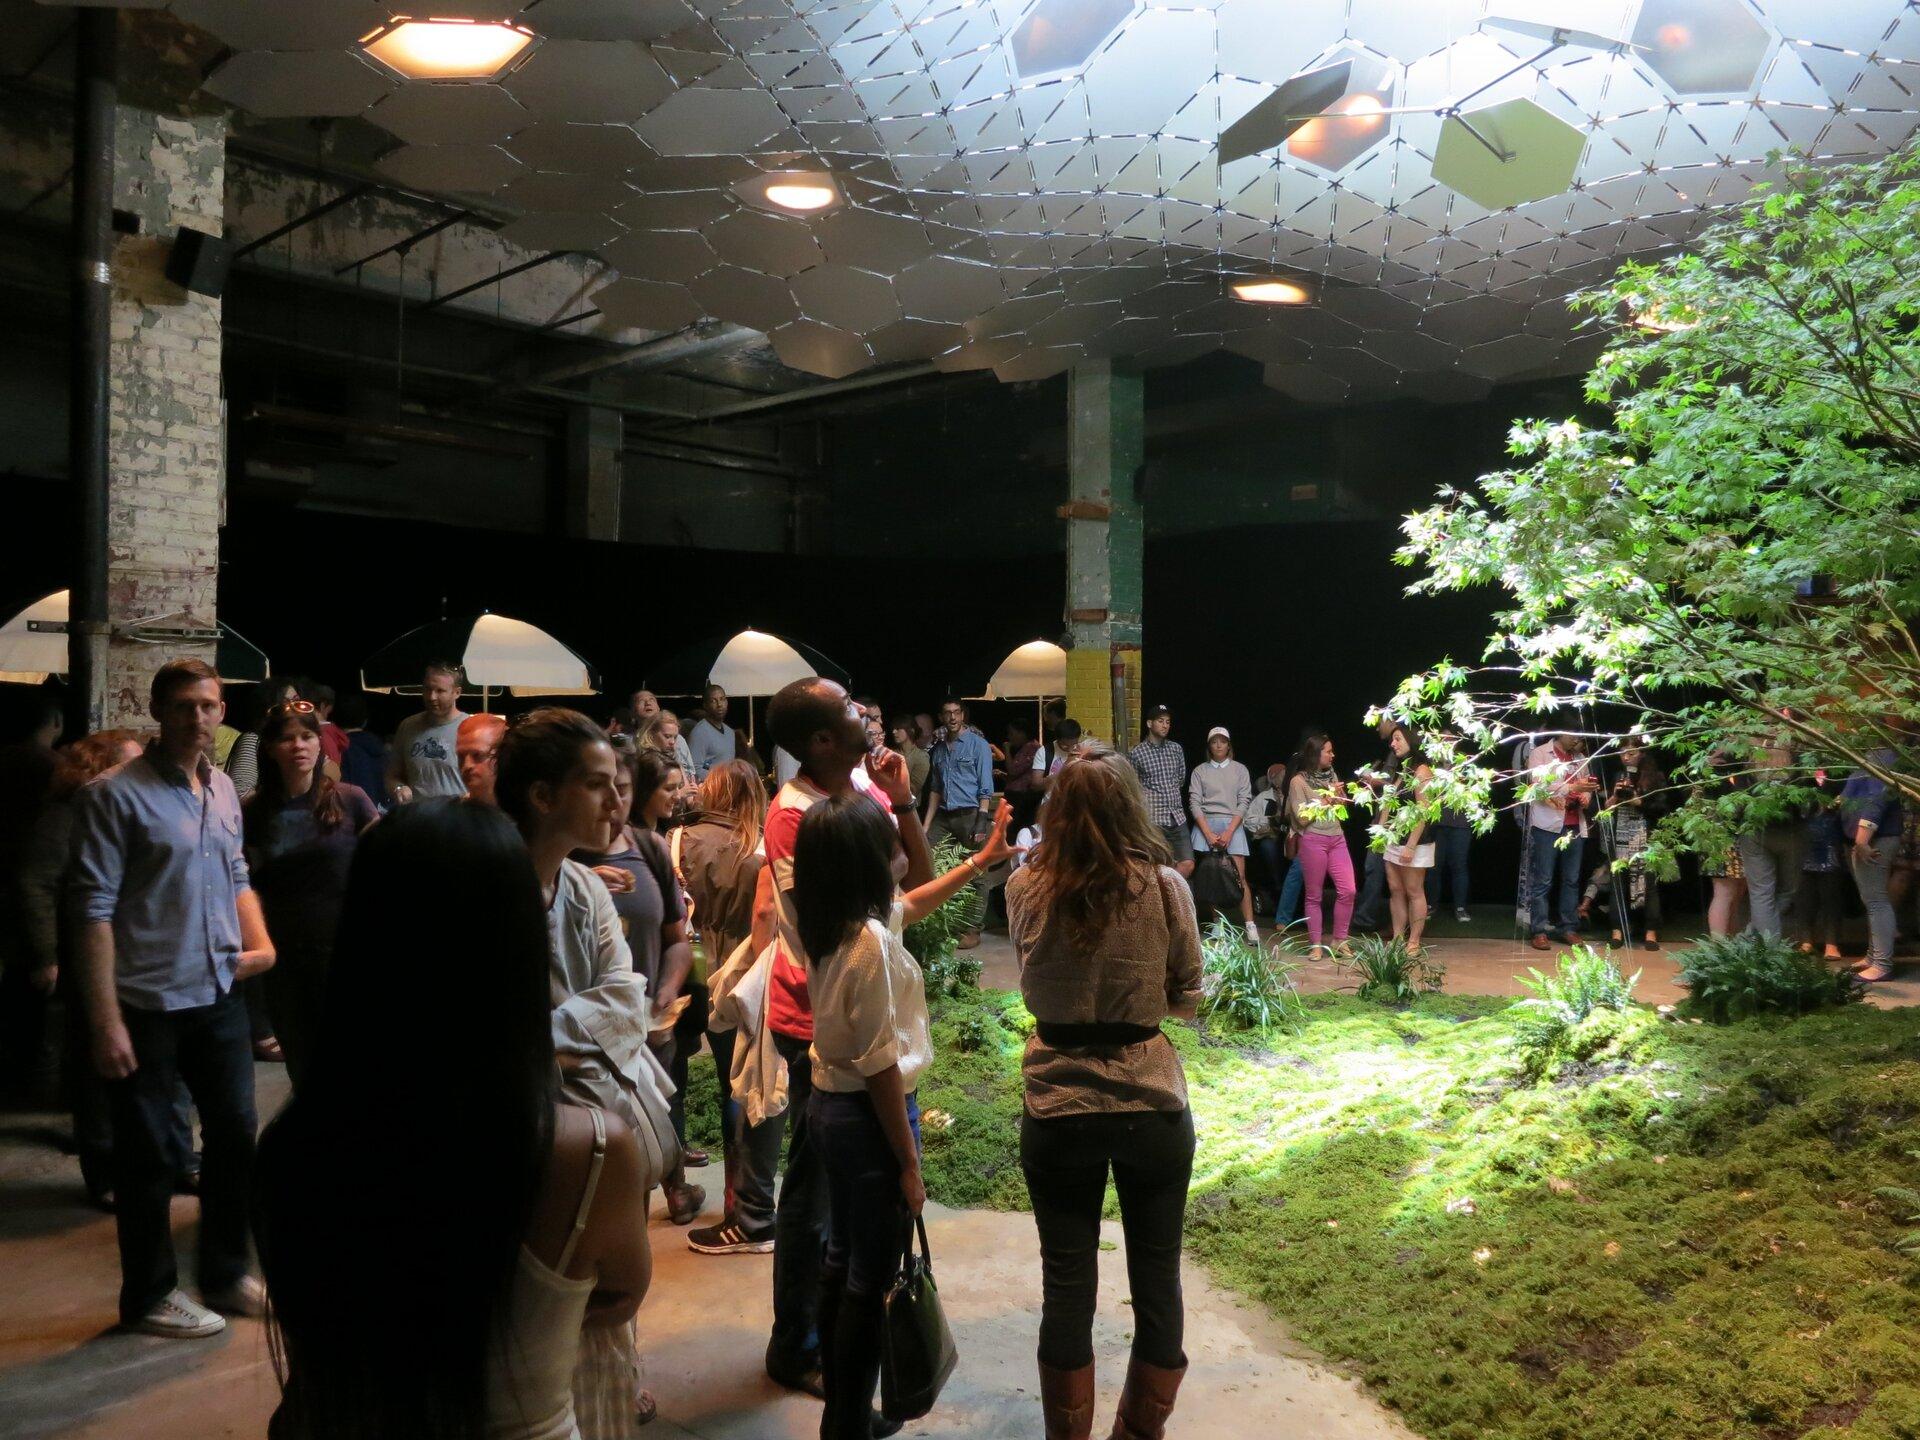 Ilustracja przedstawia widok na podziemny park wNowym Jorku. Ukazuje wnętrze budynku stylizowanego na starą halę. Sufit wyłożony jest małymi sześciokątami między którymi zamontowano światło iwsparty ca ceglanych filarach.. Podłoże to trawa ze stojącymi na niej drzewami.